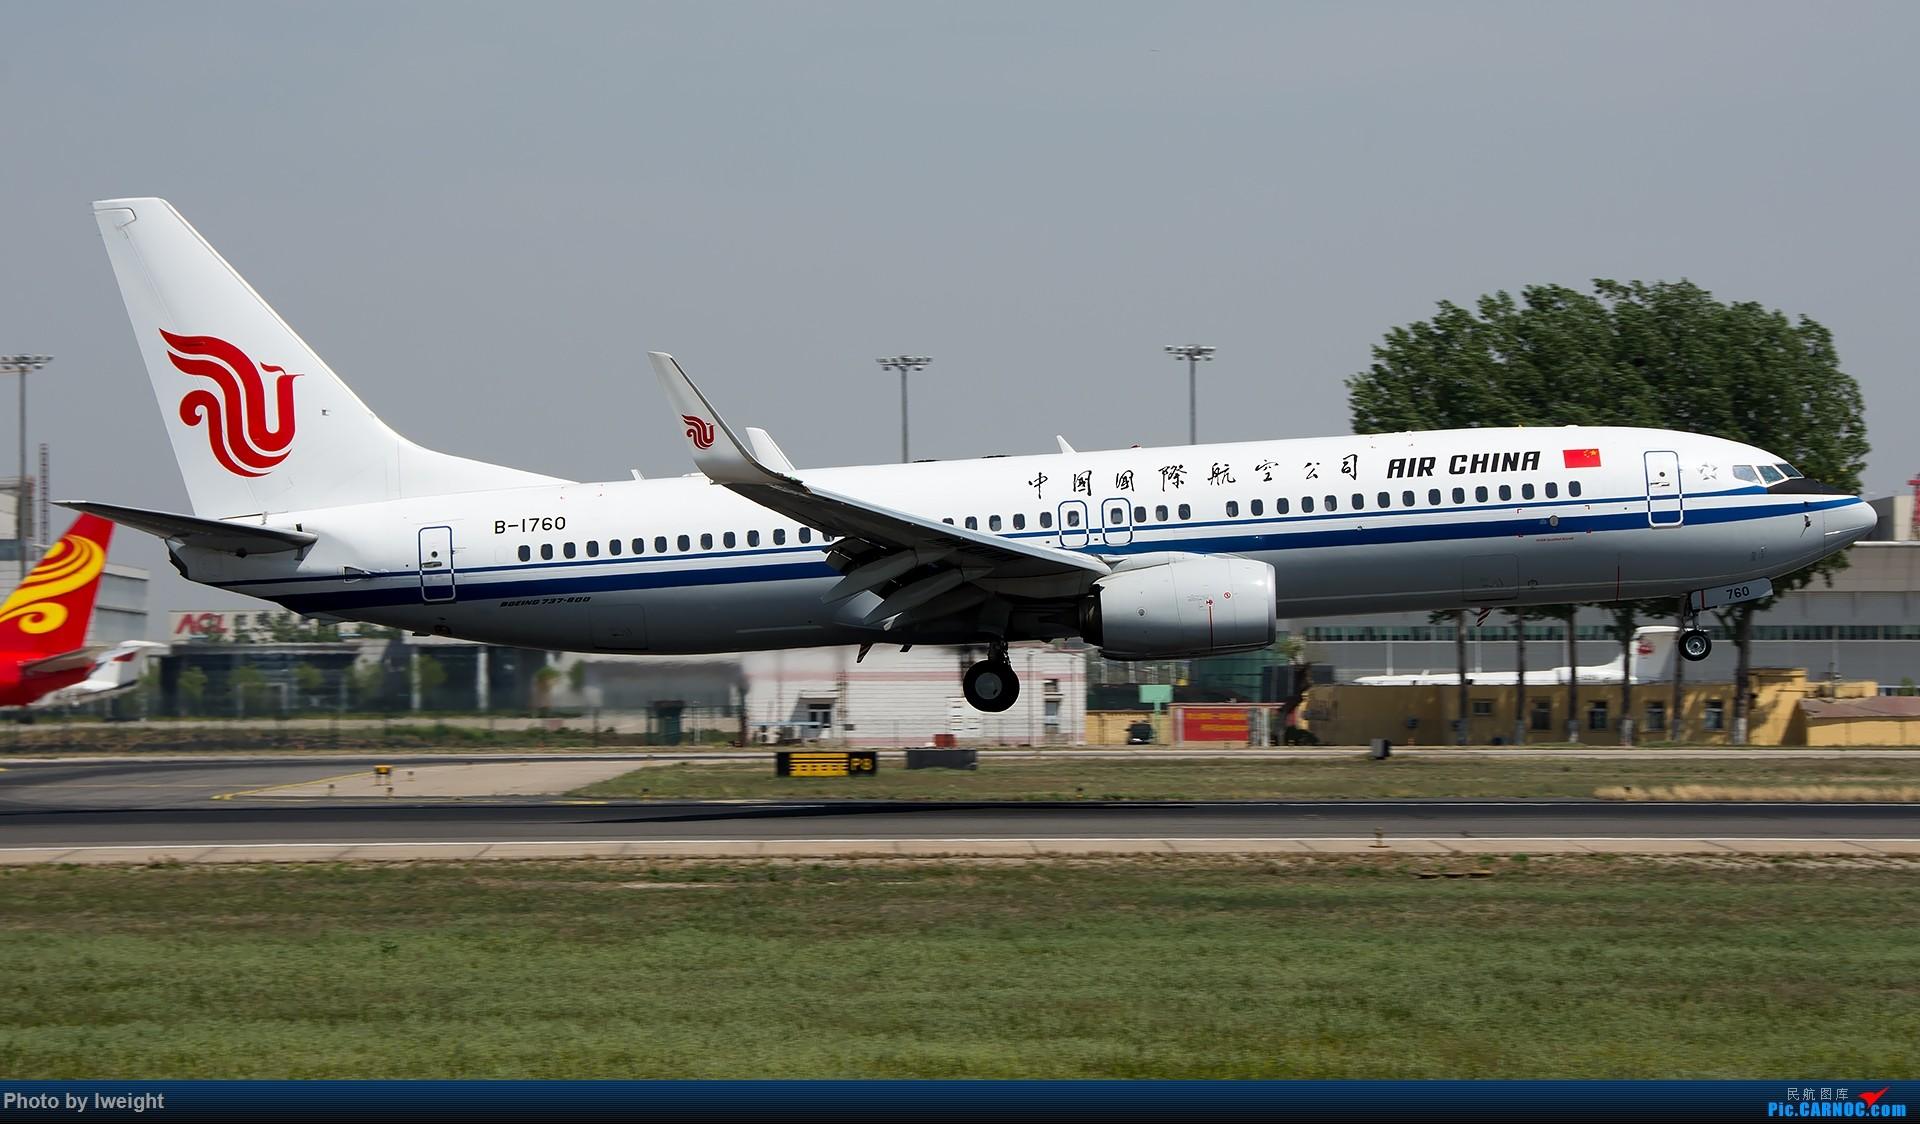 Re:[原创]天气晴朗,继续守候18R【多图】 BOEING 737-800 B-1760 中国北京首都国际机场